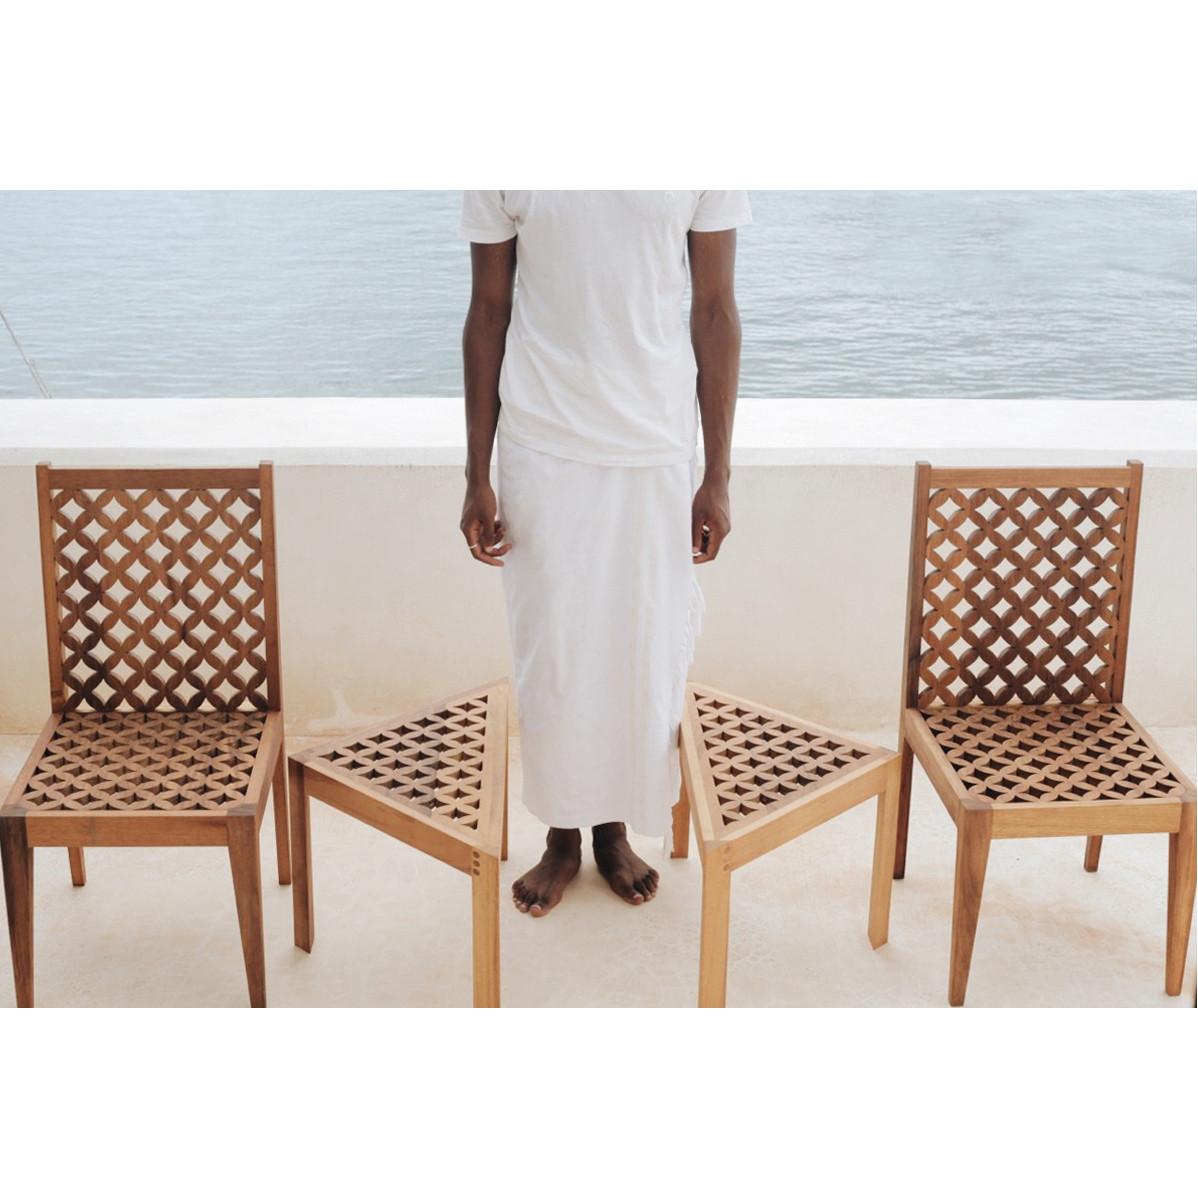 Chair and sidetabke 4